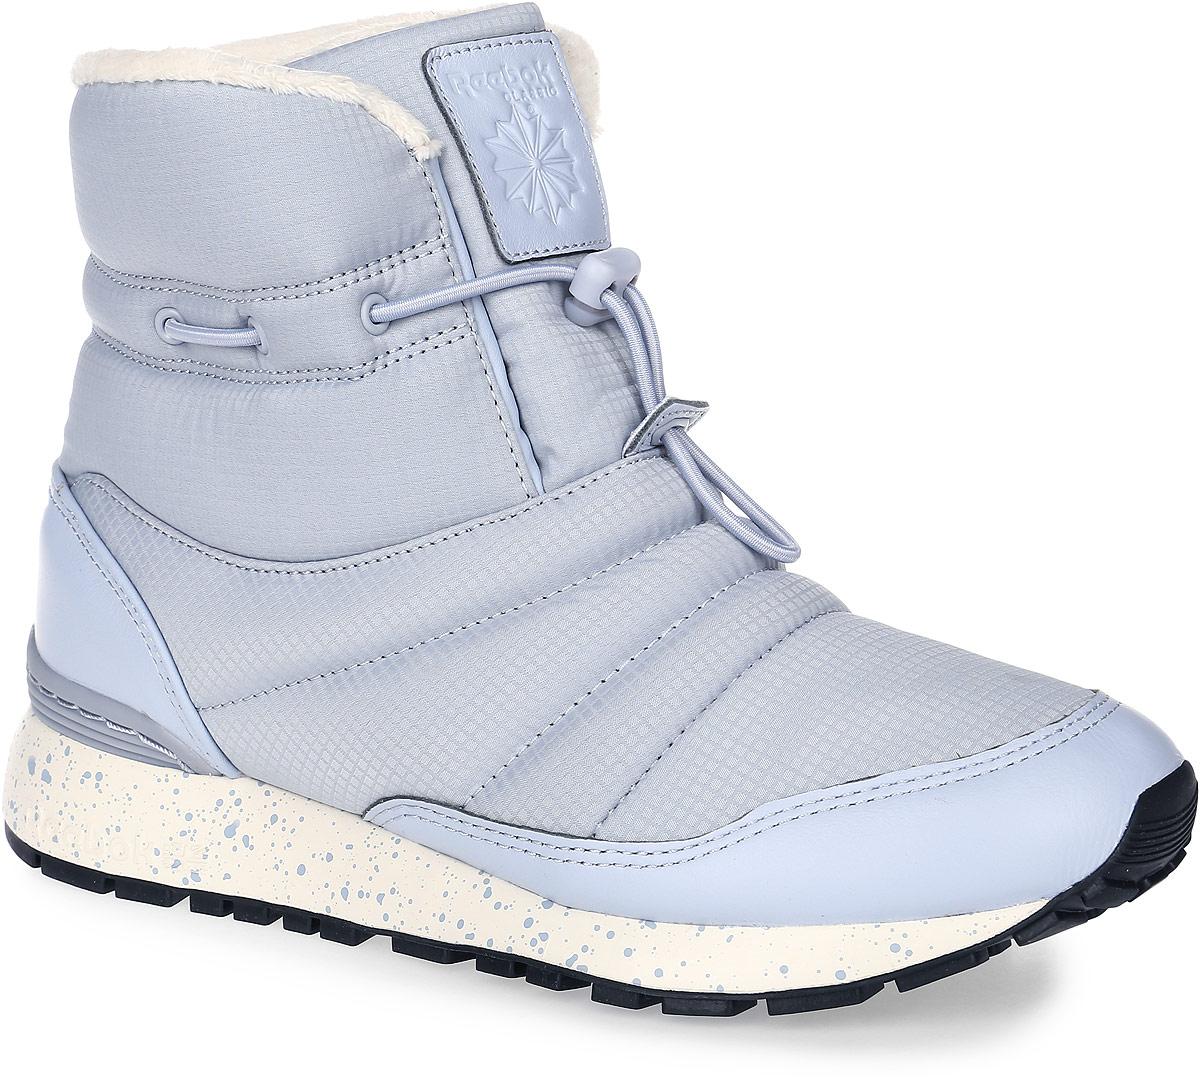 Полусапоги женские Reebok GL Puff Boot, цвет: серый. AR2647. Размер 7,5 (38)AR2647Снег и слякоть - не повод отказываться от прогулок. Полусапоги GL Puff Boot от Reebok - как раз то, что нужно для такой погоды. Оригинальная застежка в виде регулируемого шнурка, высокий дизайн и подкладка гарантируют тепло.Модель выполнена из ткани с влагоотталкивающим покрытием и кожаными вставками в области пятки и мыска. Подкладка Thinsulate и искусственный мех обеспечивают мягкость и тепло. Легкая литая промежуточная подошва из ЭВА обеспечивает оптимальную амортизацию. Стойкая к истиранию, прочная резиновая подошва гарантирует отличное сцепление с поверхностью.